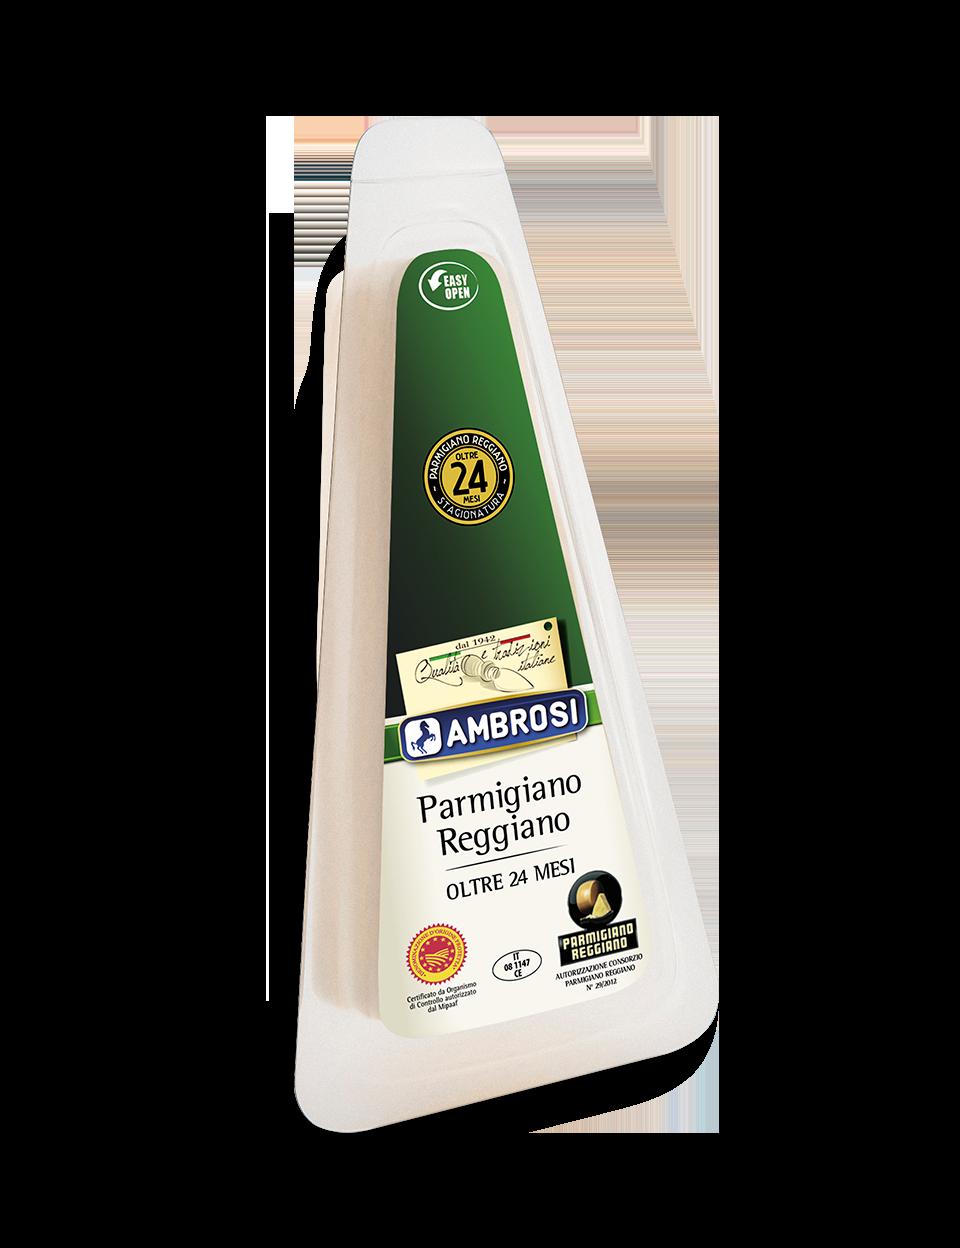 Parmigiano Reggiano 24 months